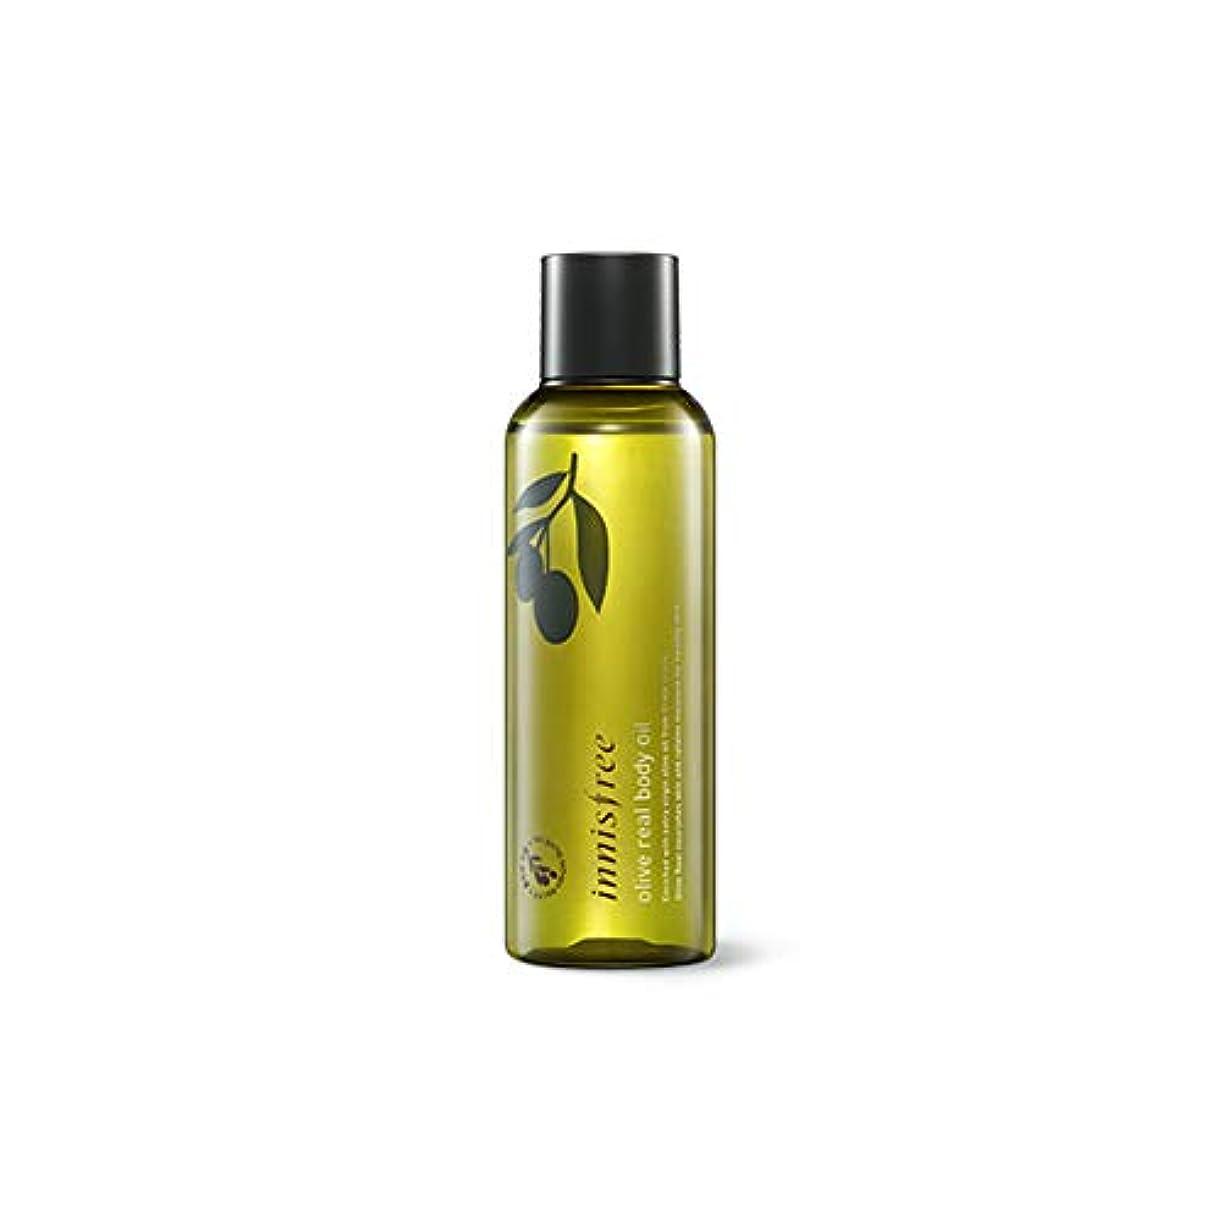 臭いオーバーヘッド迷惑イニスフリー Innisfree オリーブリアルボディーオイル(150ml) Innisfree Olive Real Body Oil(150ml) [海外直送品]